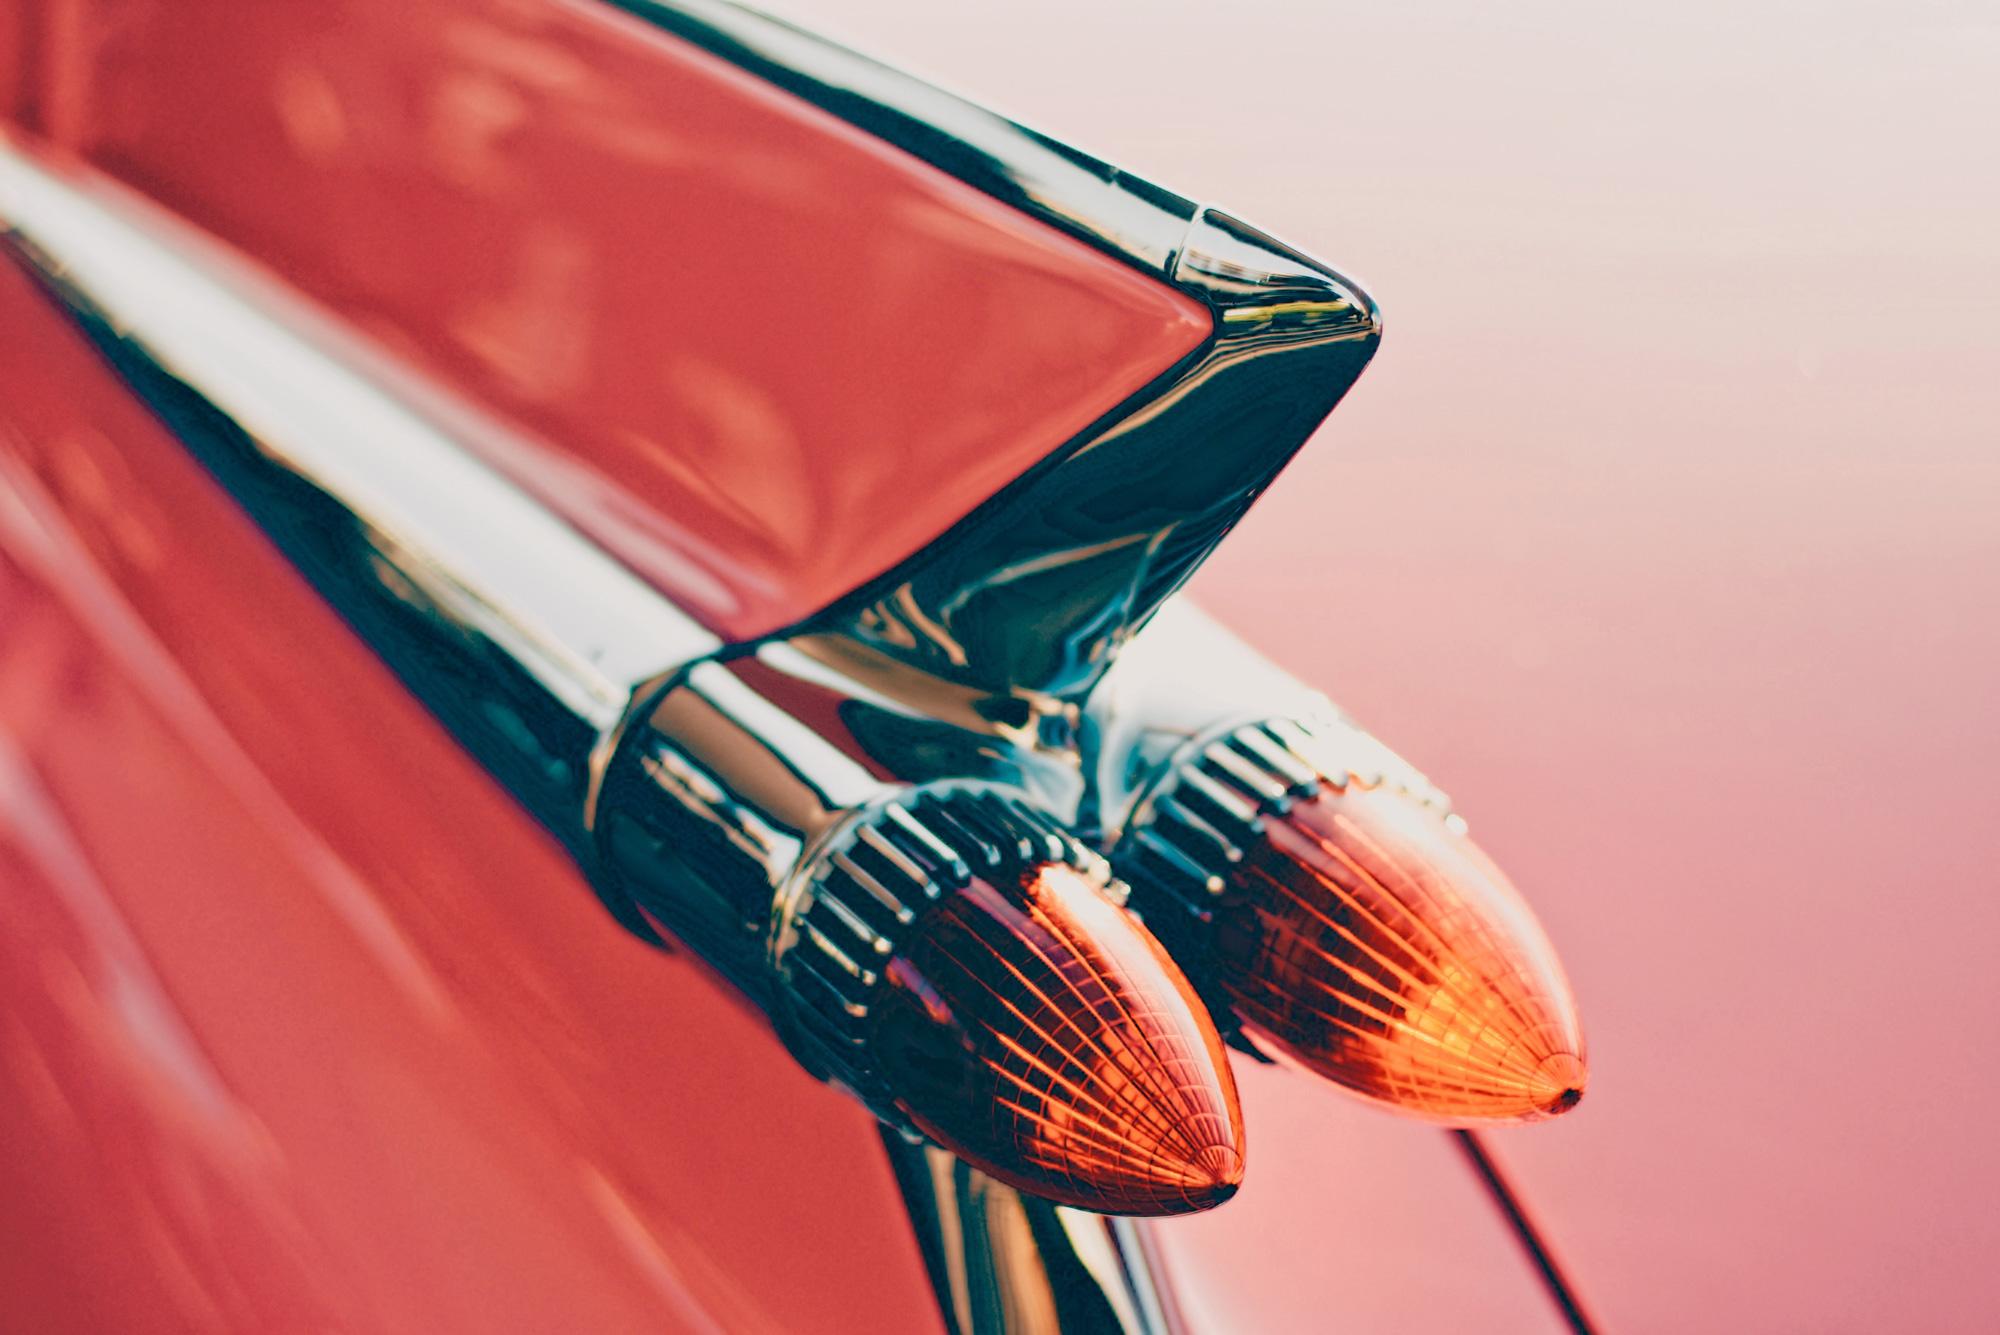 Hình chụp mui và động cơ xe